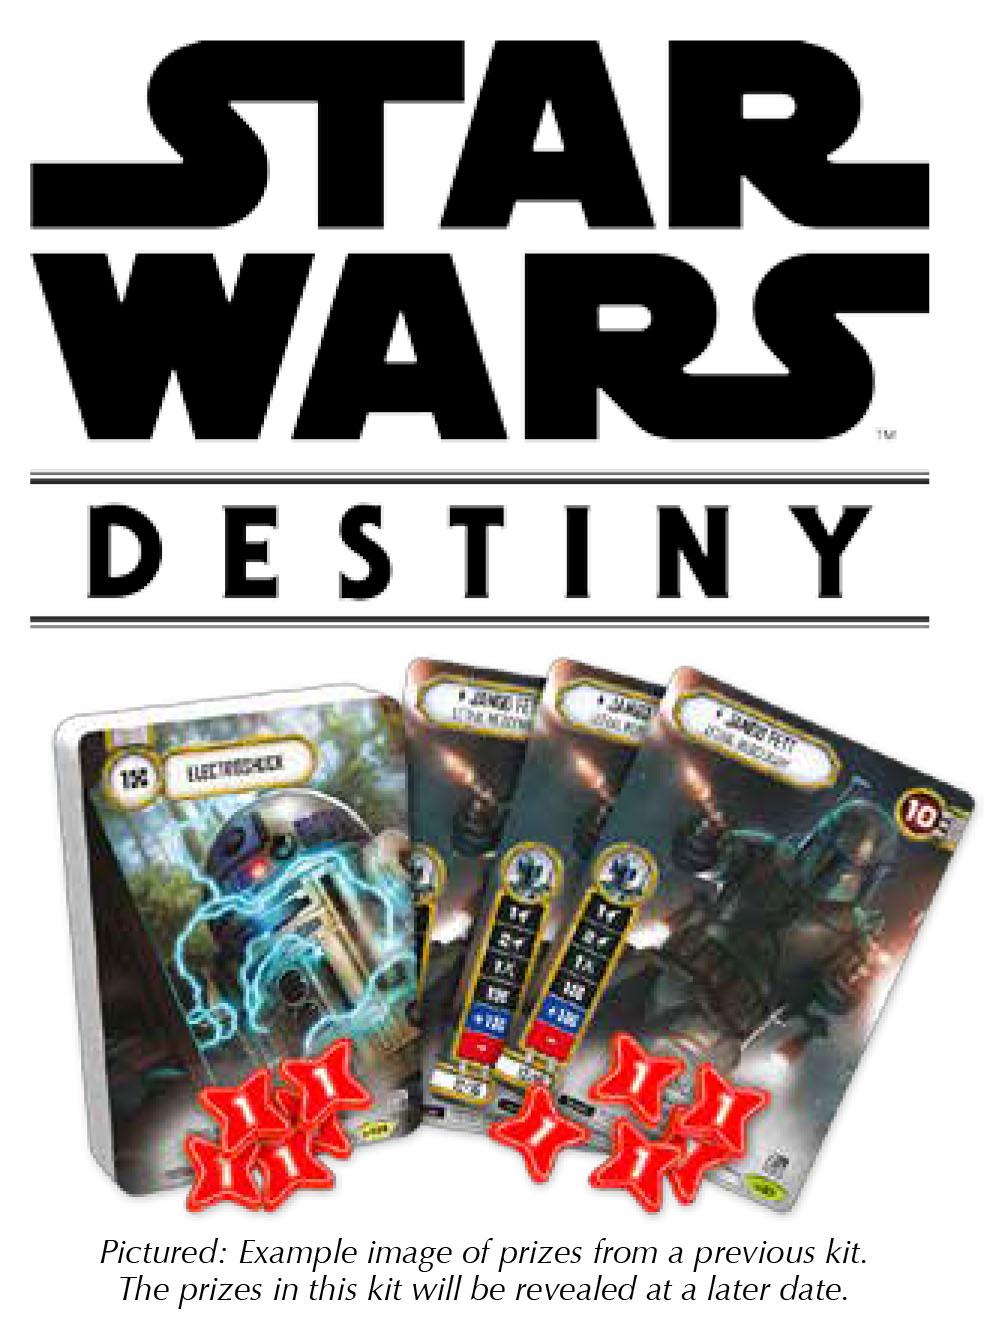 Star Wars Destiny: 2018 Season Two Tournament Kit Game Box